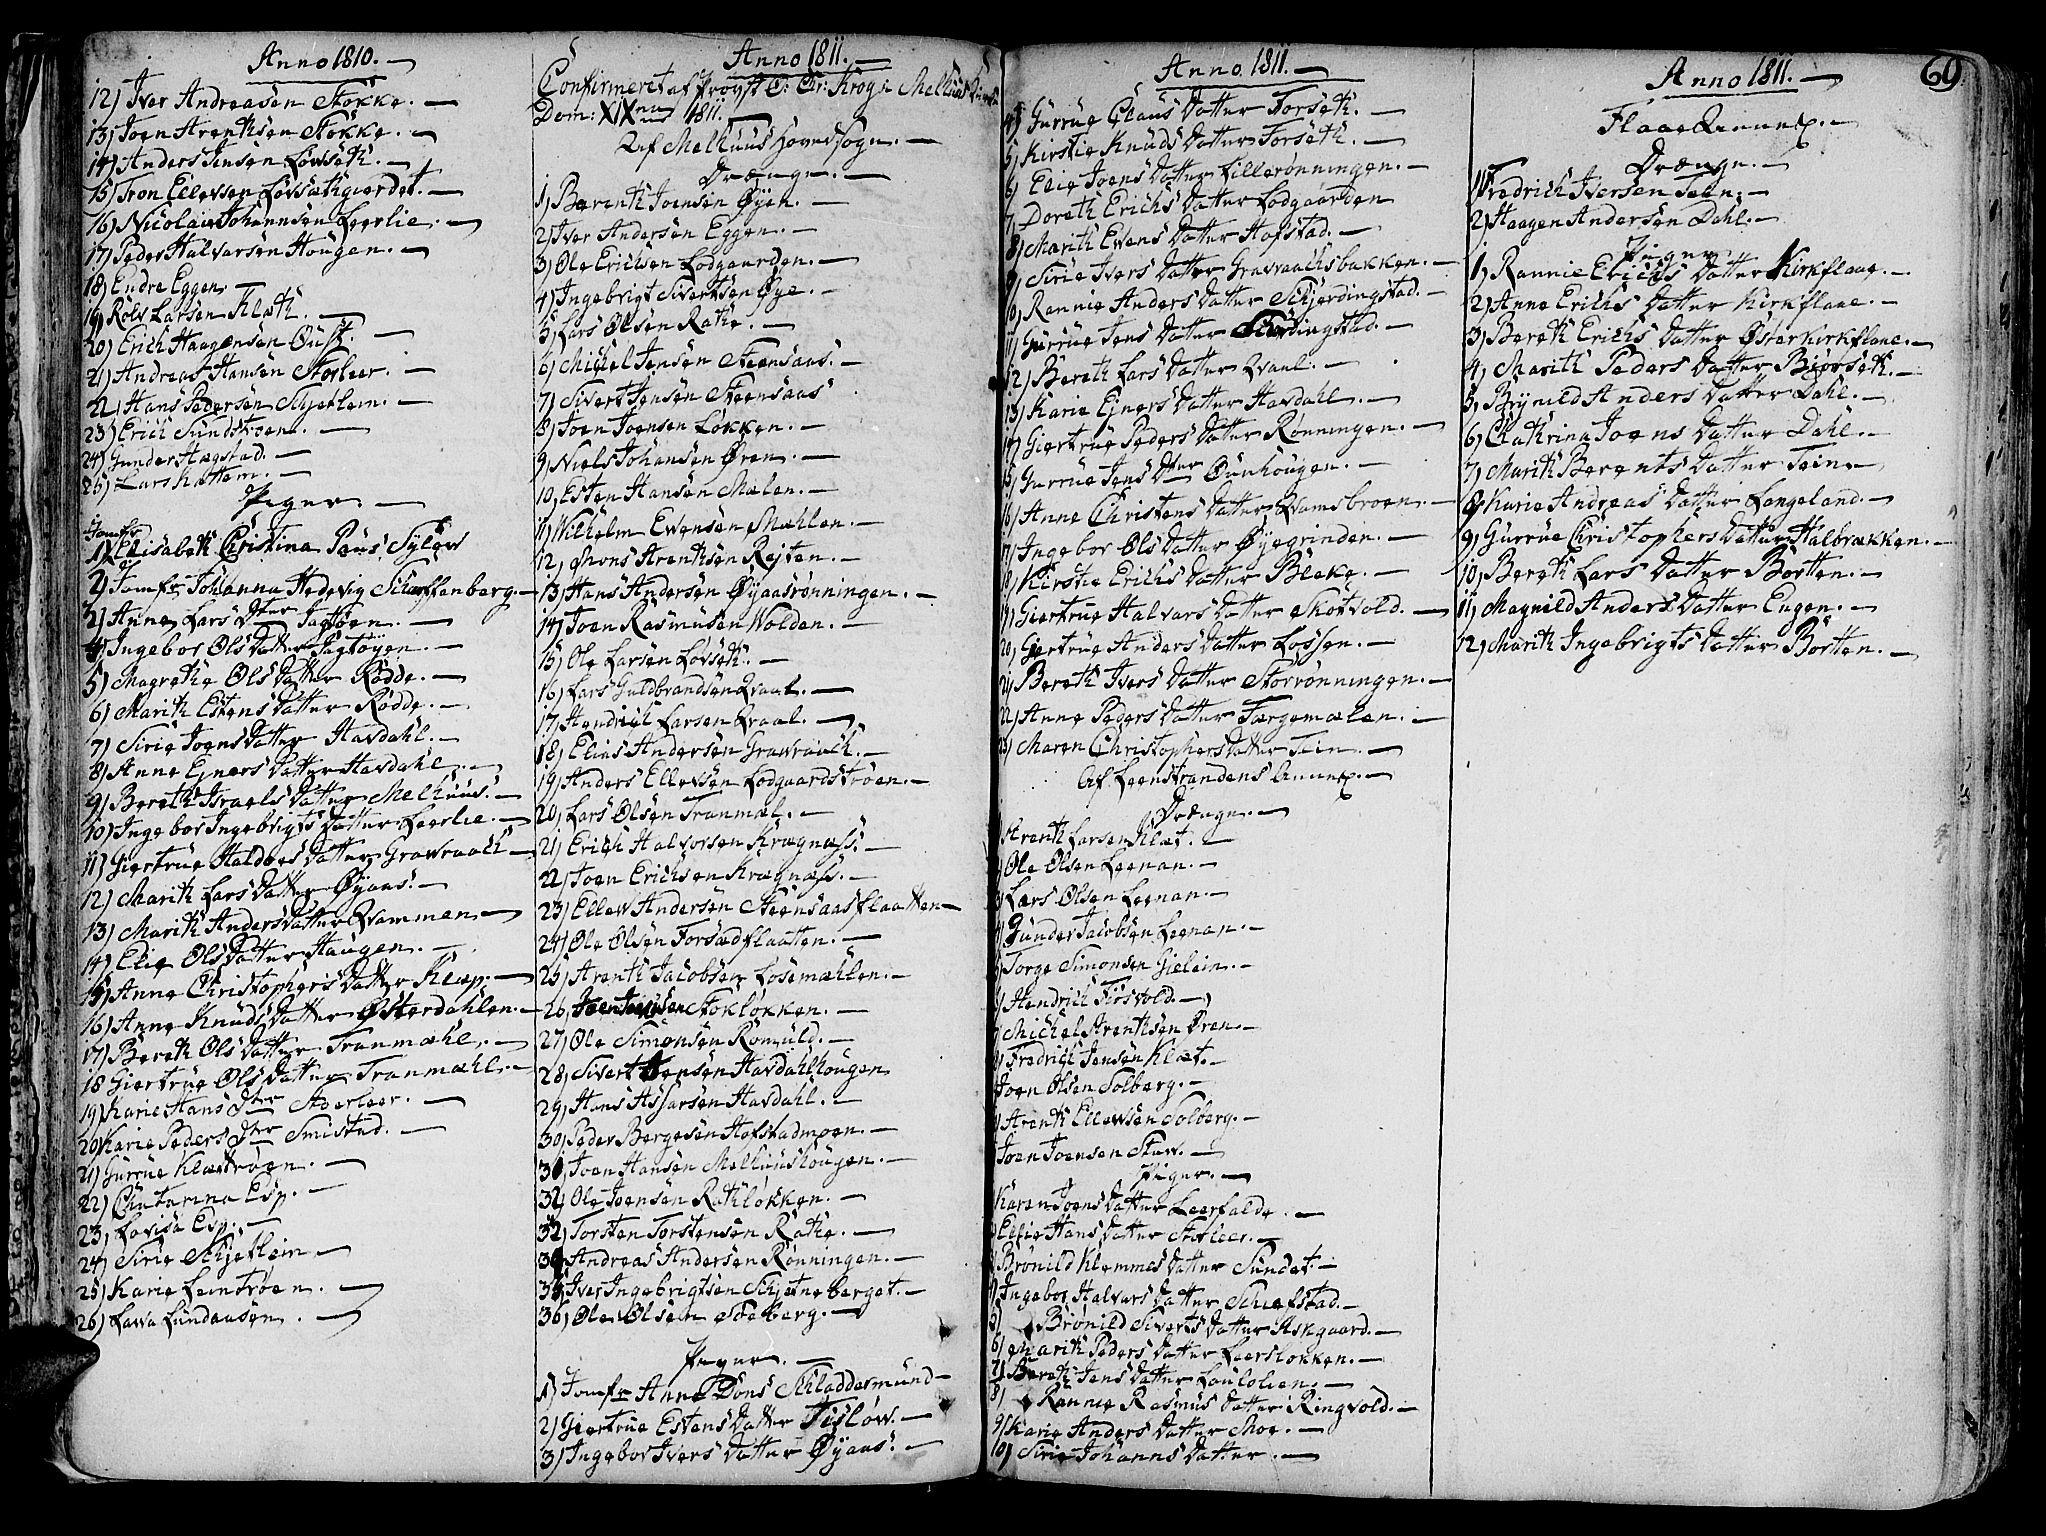 SAT, Ministerialprotokoller, klokkerbøker og fødselsregistre - Sør-Trøndelag, 691/L1061: Ministerialbok nr. 691A02 /1, 1768-1815, s. 69